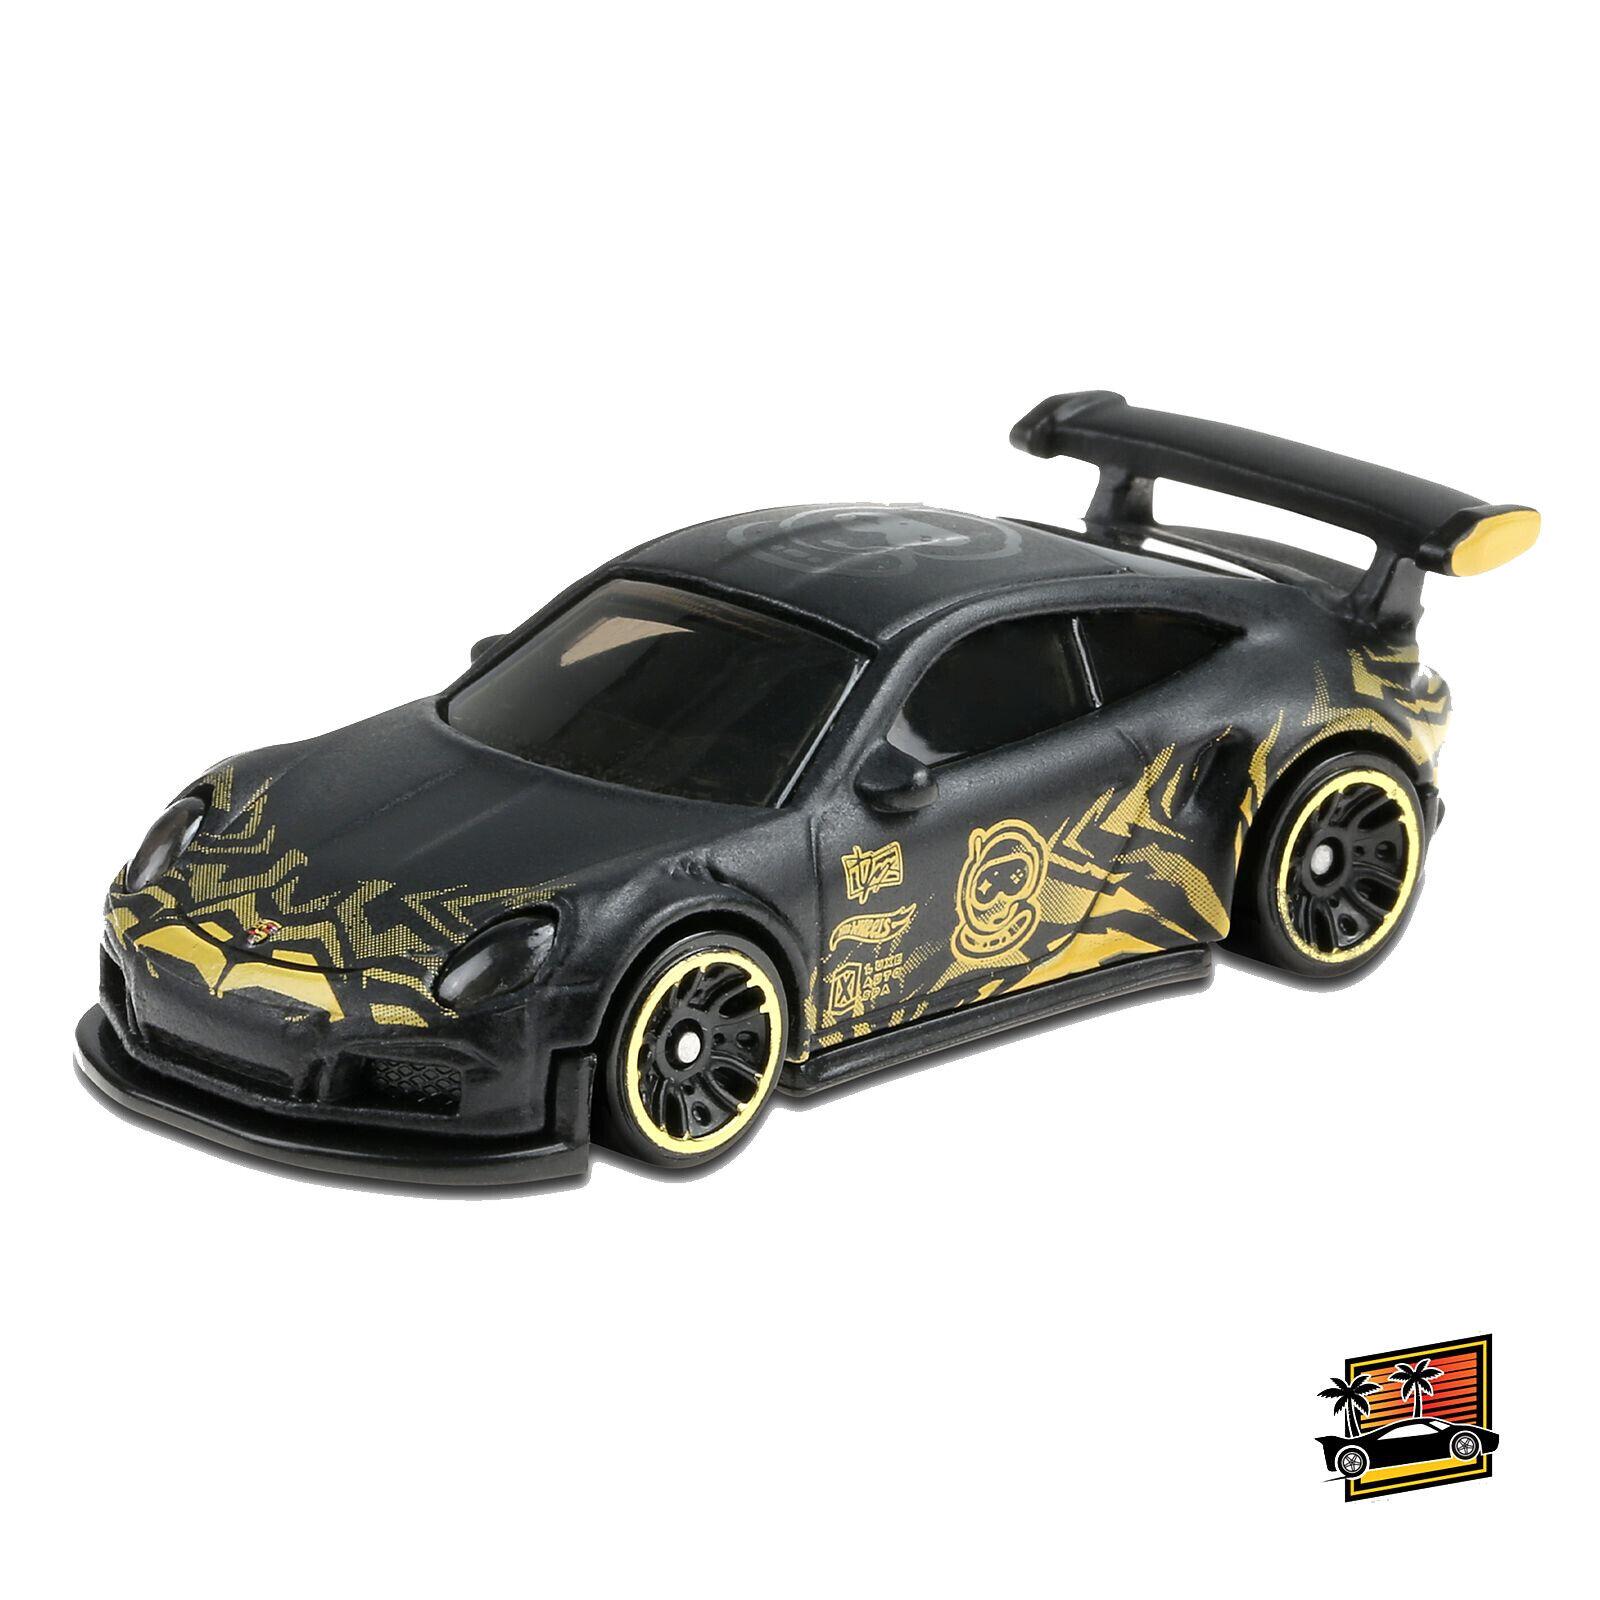 Tanner Fox Hot Wheels Black Porsche 911 Gt3 Rs Kids Model Diecast Toy Car Ghc30 Ebay